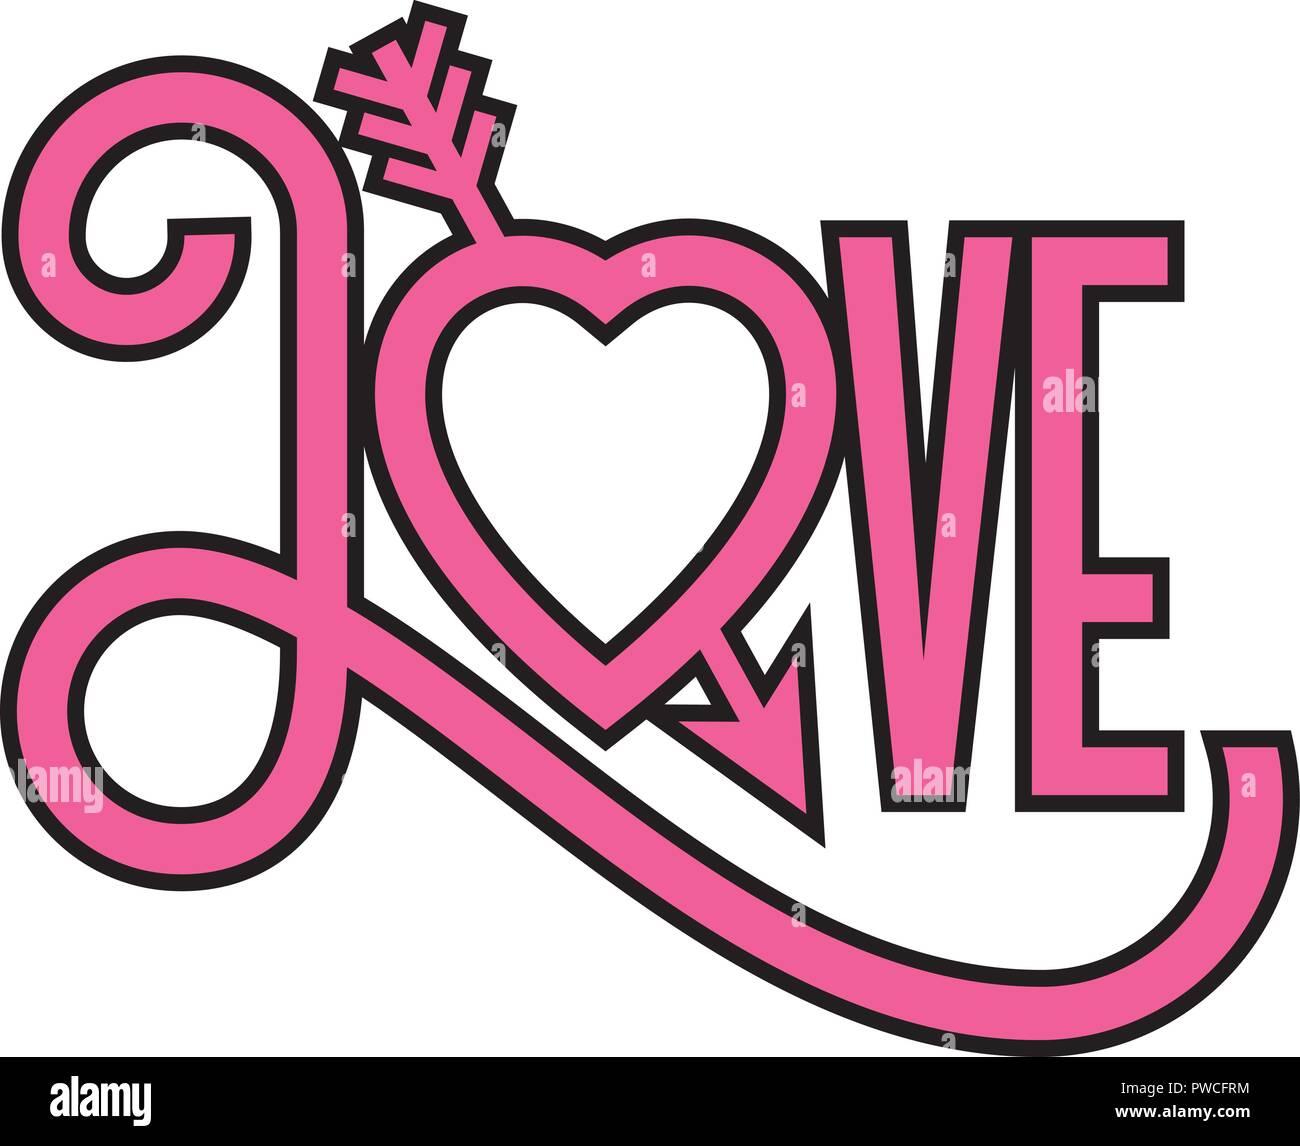 Love heart 3D illustration with arrow through heart ...